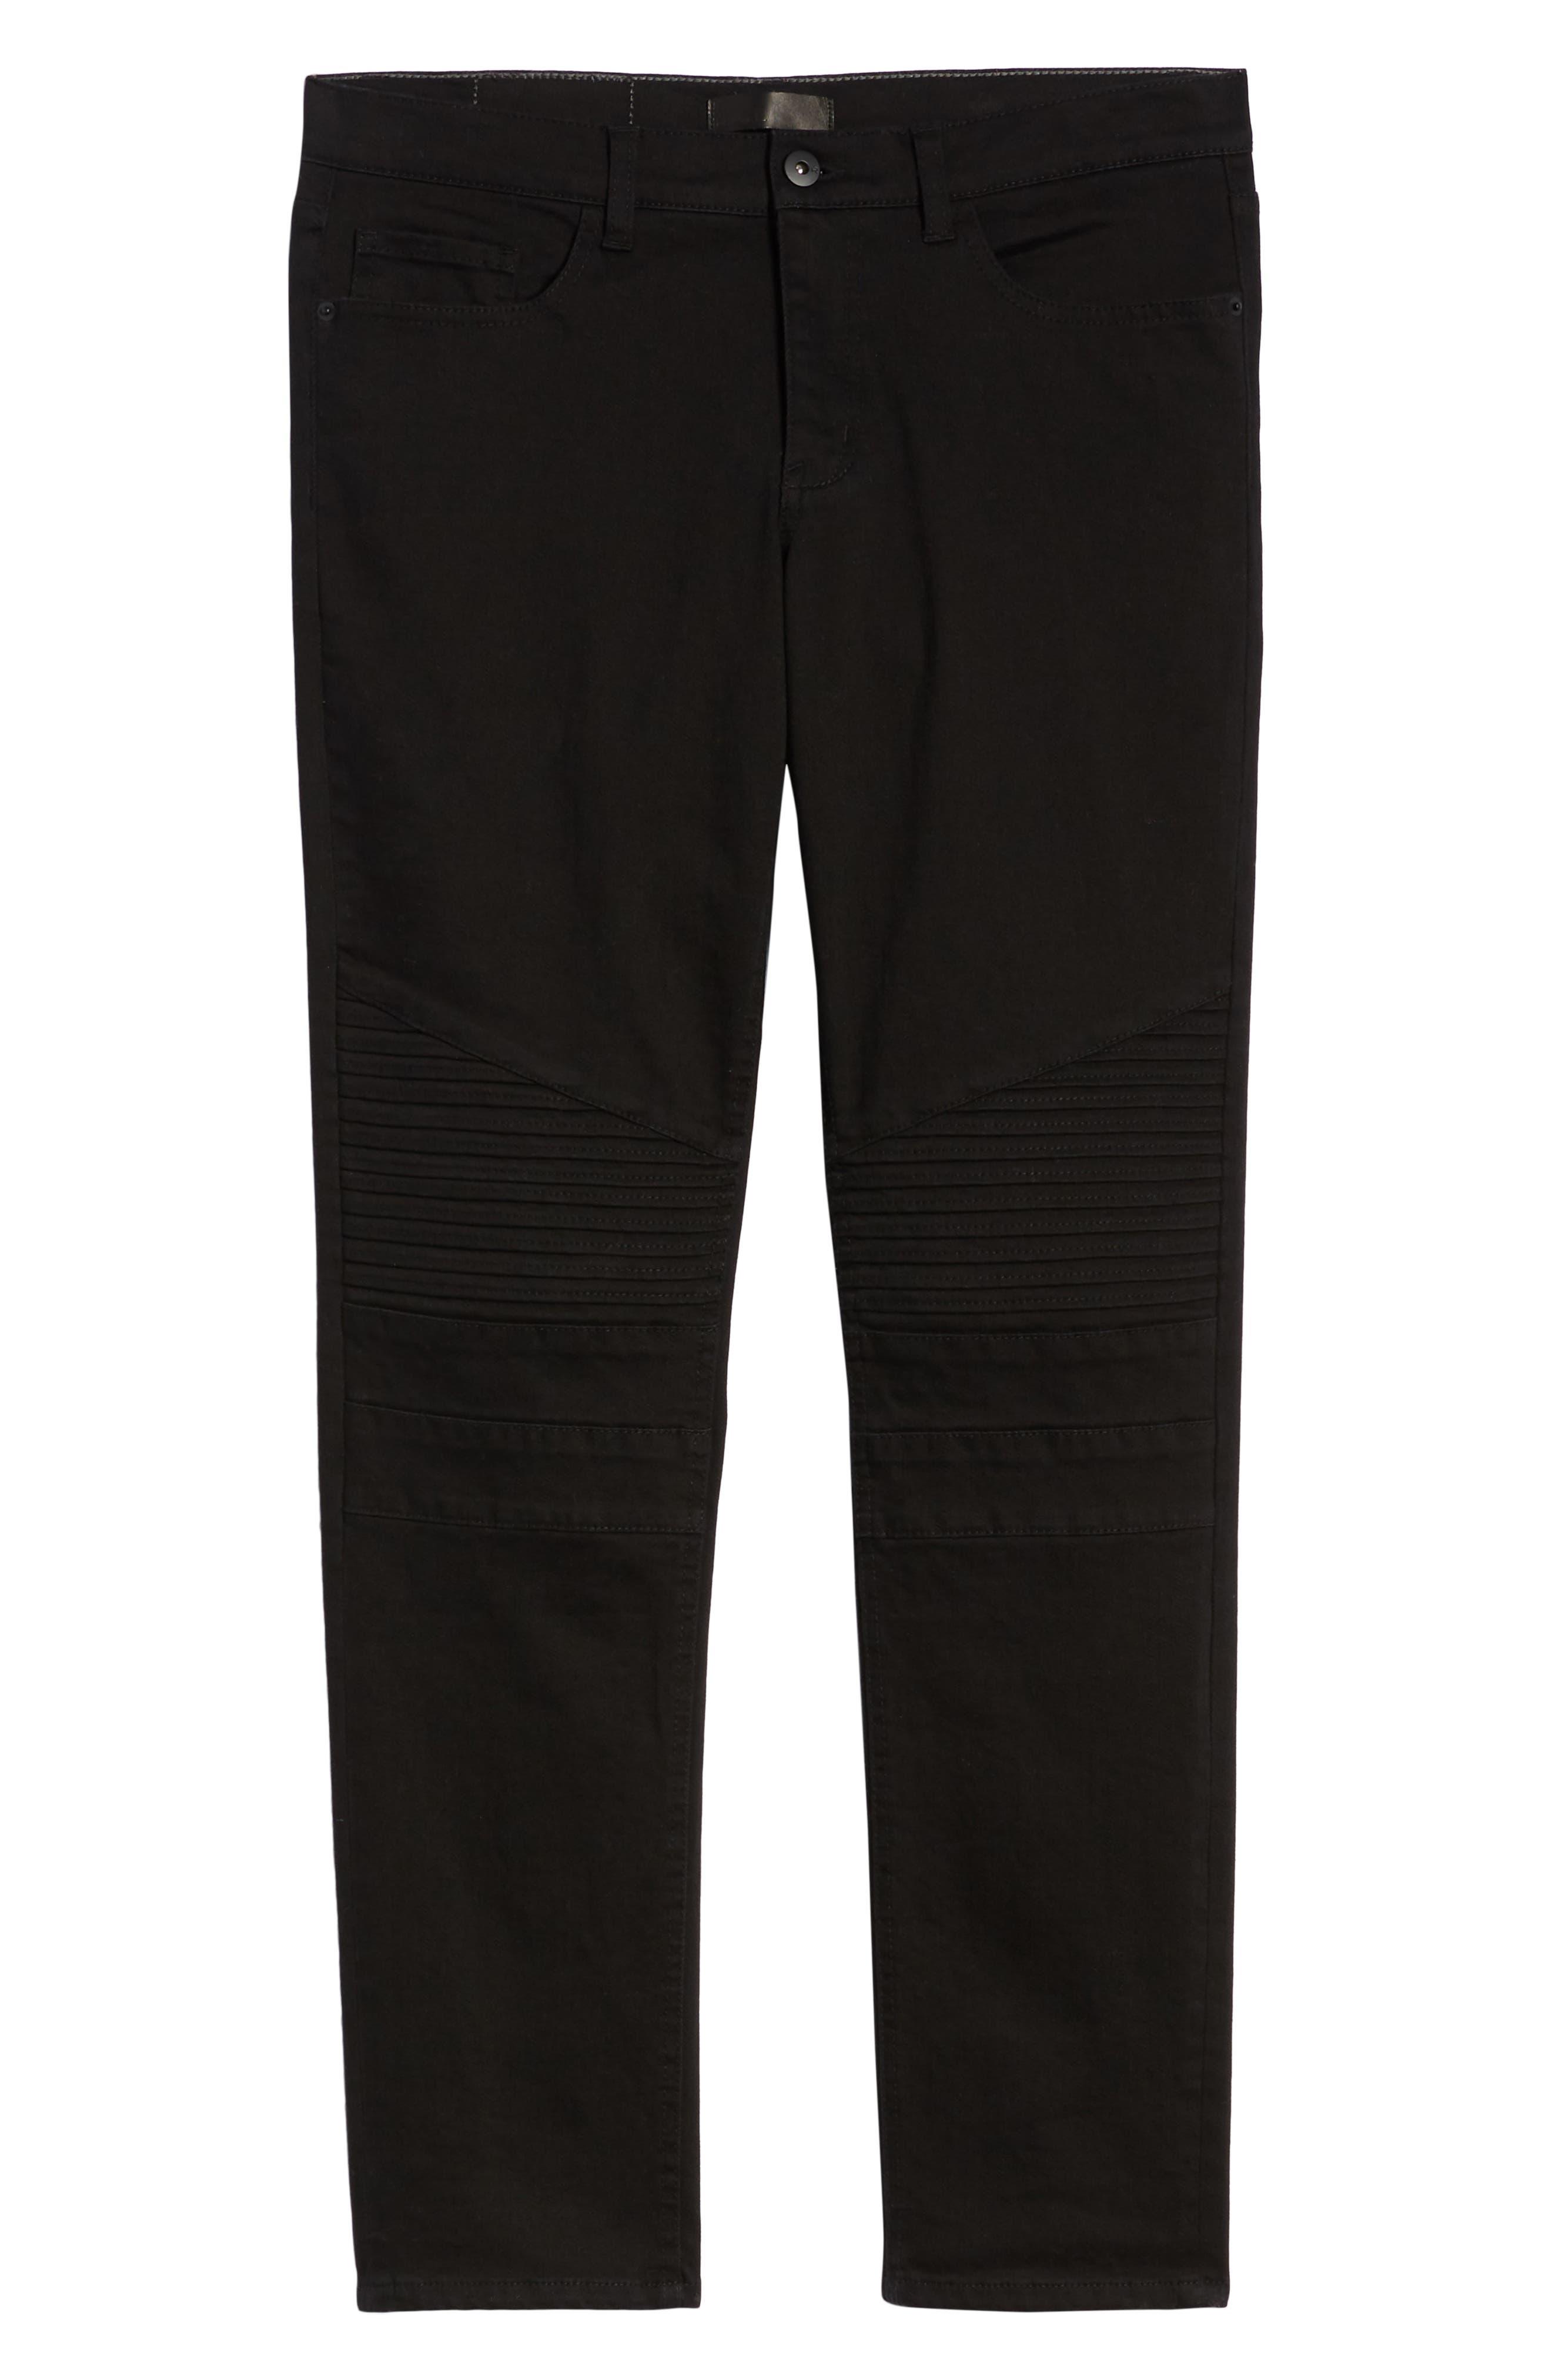 THE RAIL, Skinny Moto Jeans, Alternate thumbnail 7, color, BLACK WASH